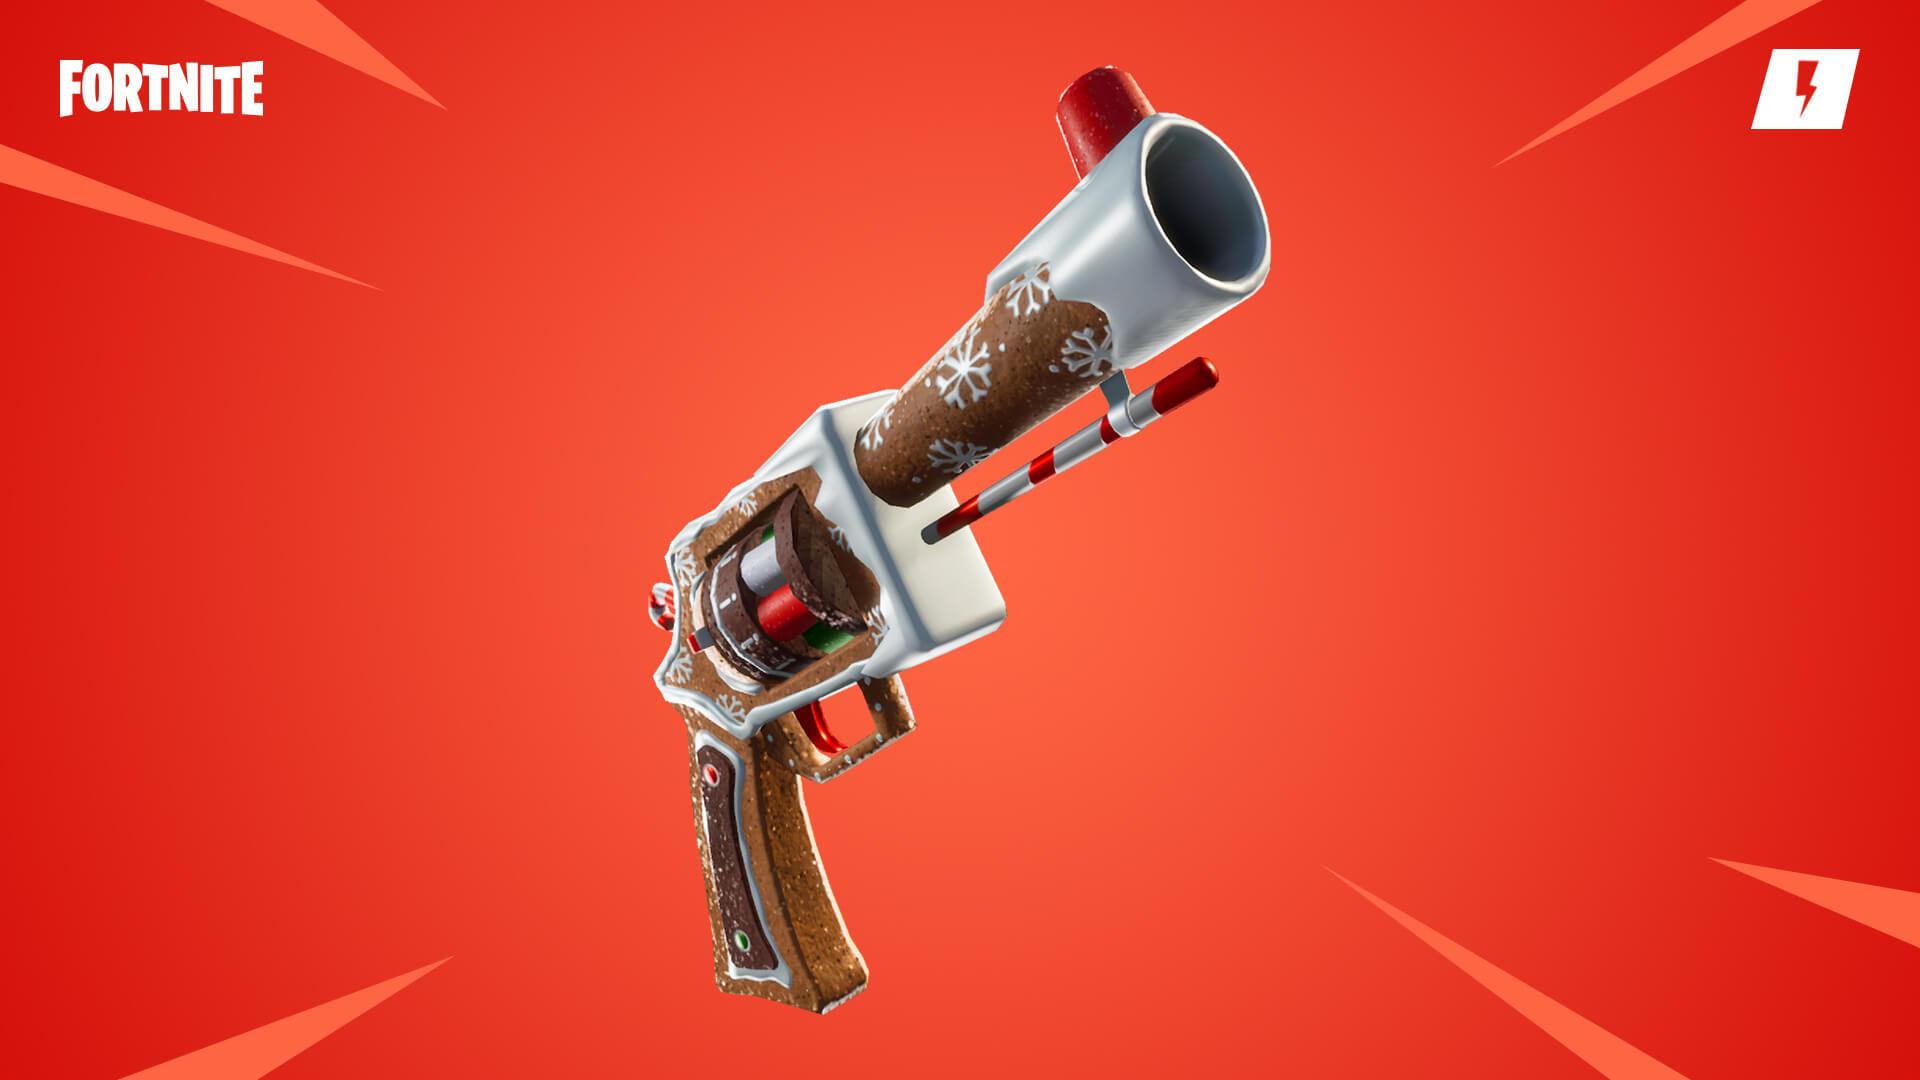 Fortnite Save the World Ginger Blaster Pistol